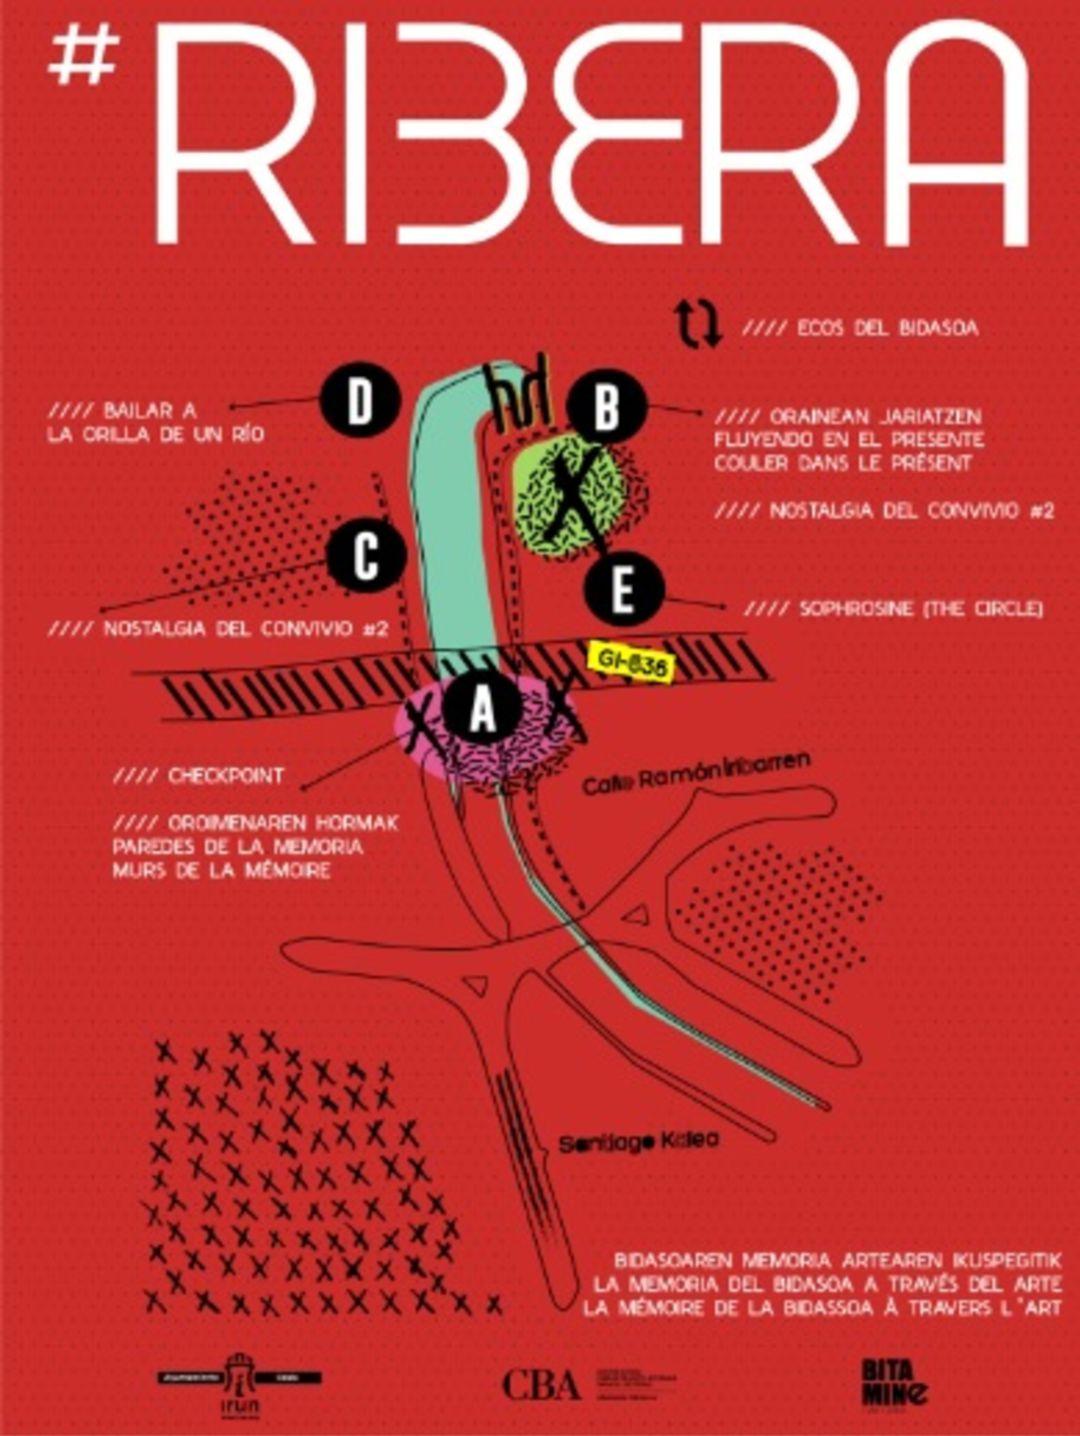 Cartel de presentación V edición de la feria Ribera